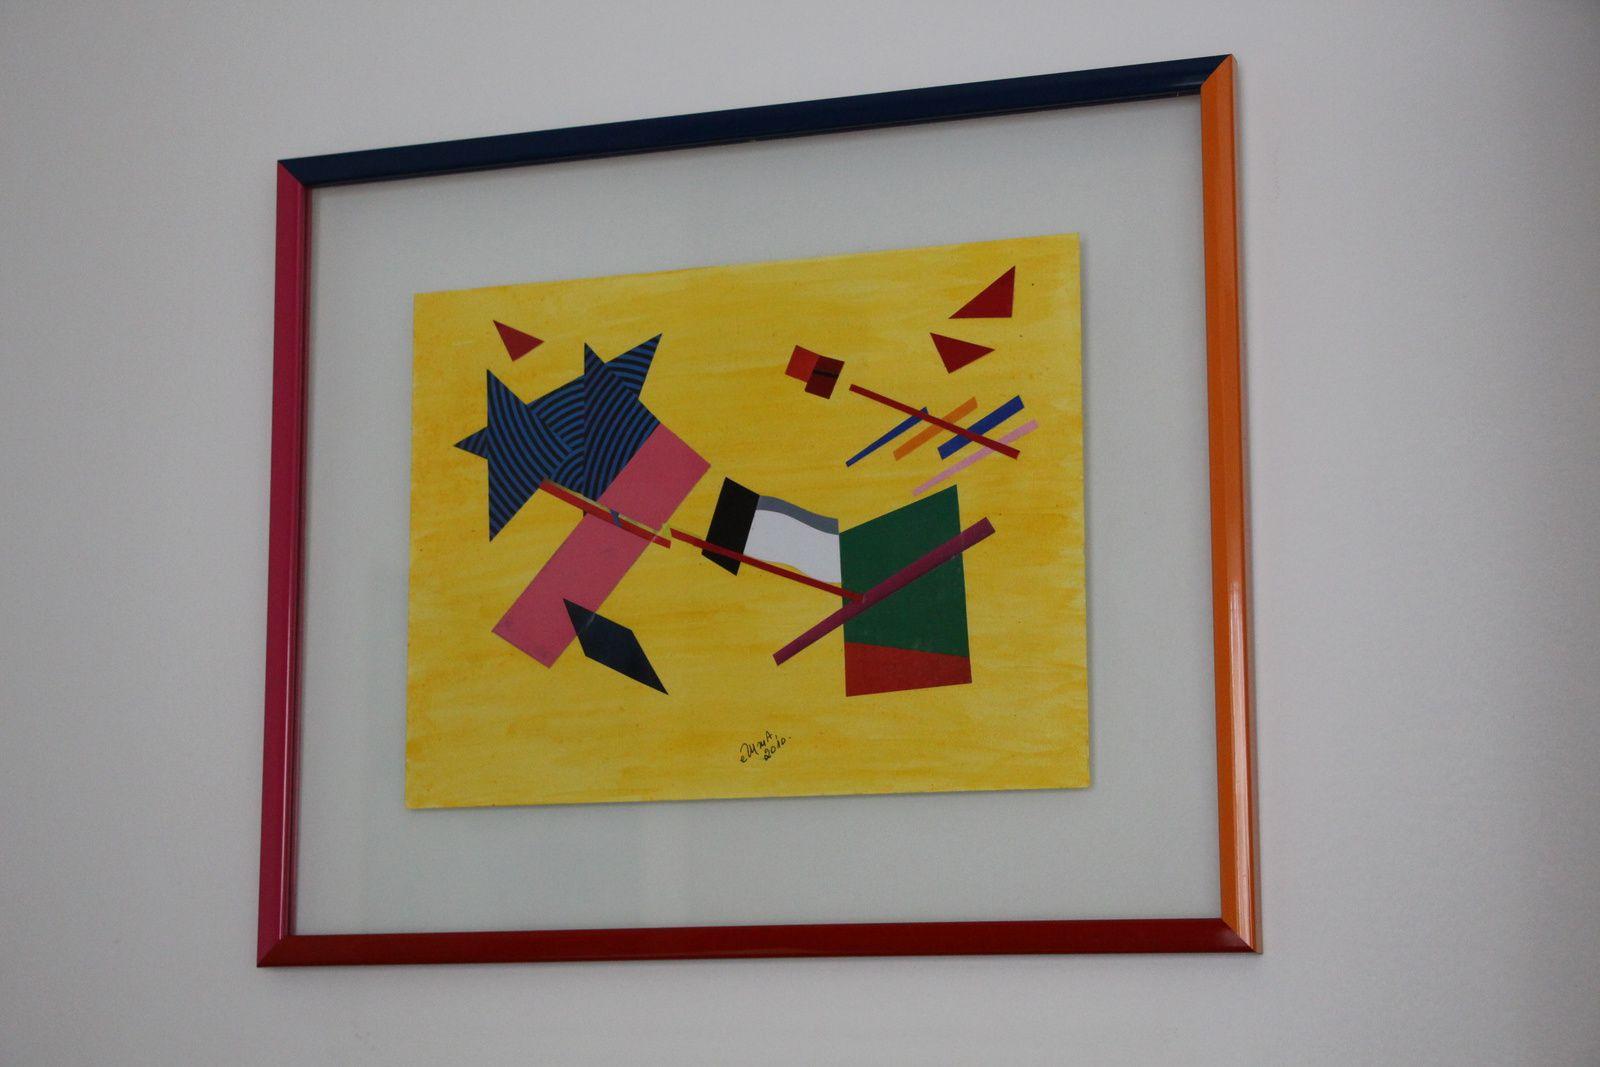 J'ai confié l'encadrement à une spécialiste : sur plexis, 4 baguettes de couleurs différentes, réalisé par colorisdeco : www.colorisdeco.fr